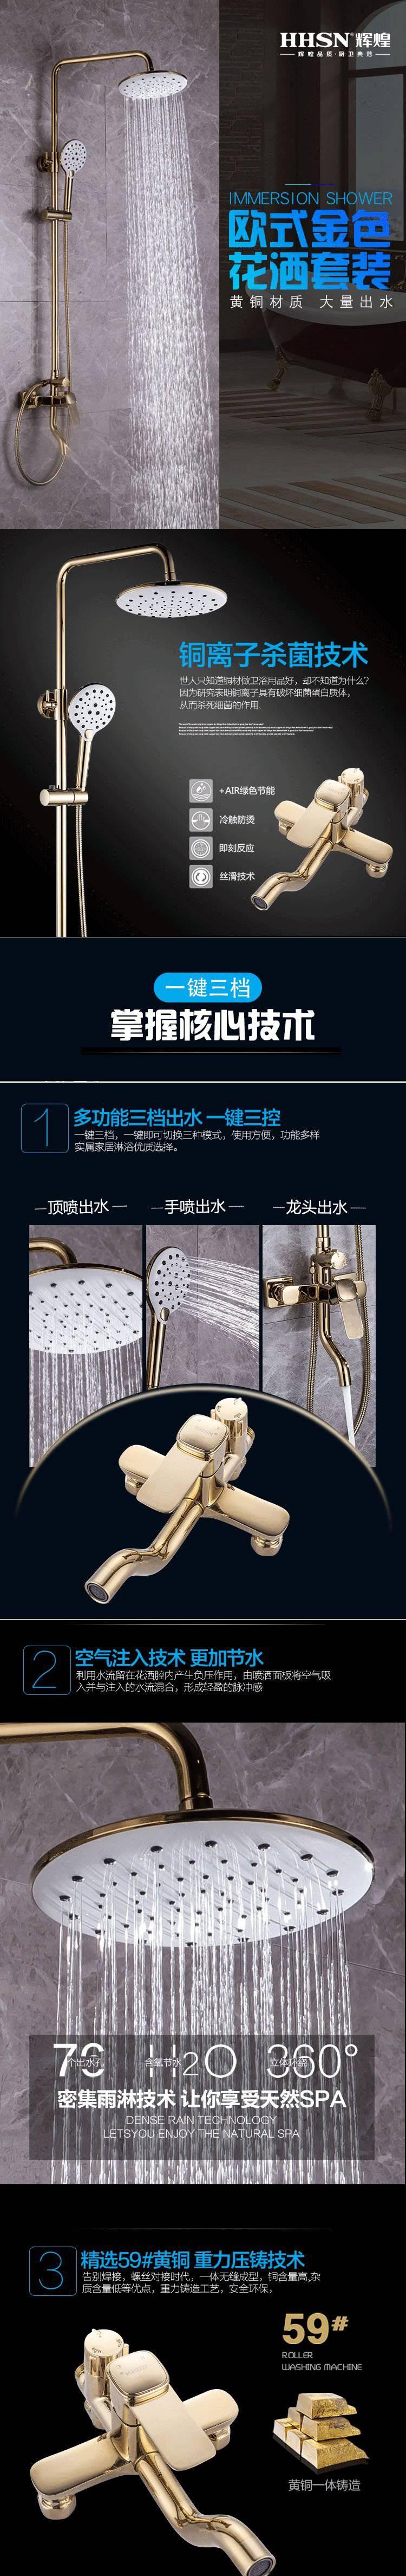 辉煌卫浴图片 镀金淋浴花洒套装效果图